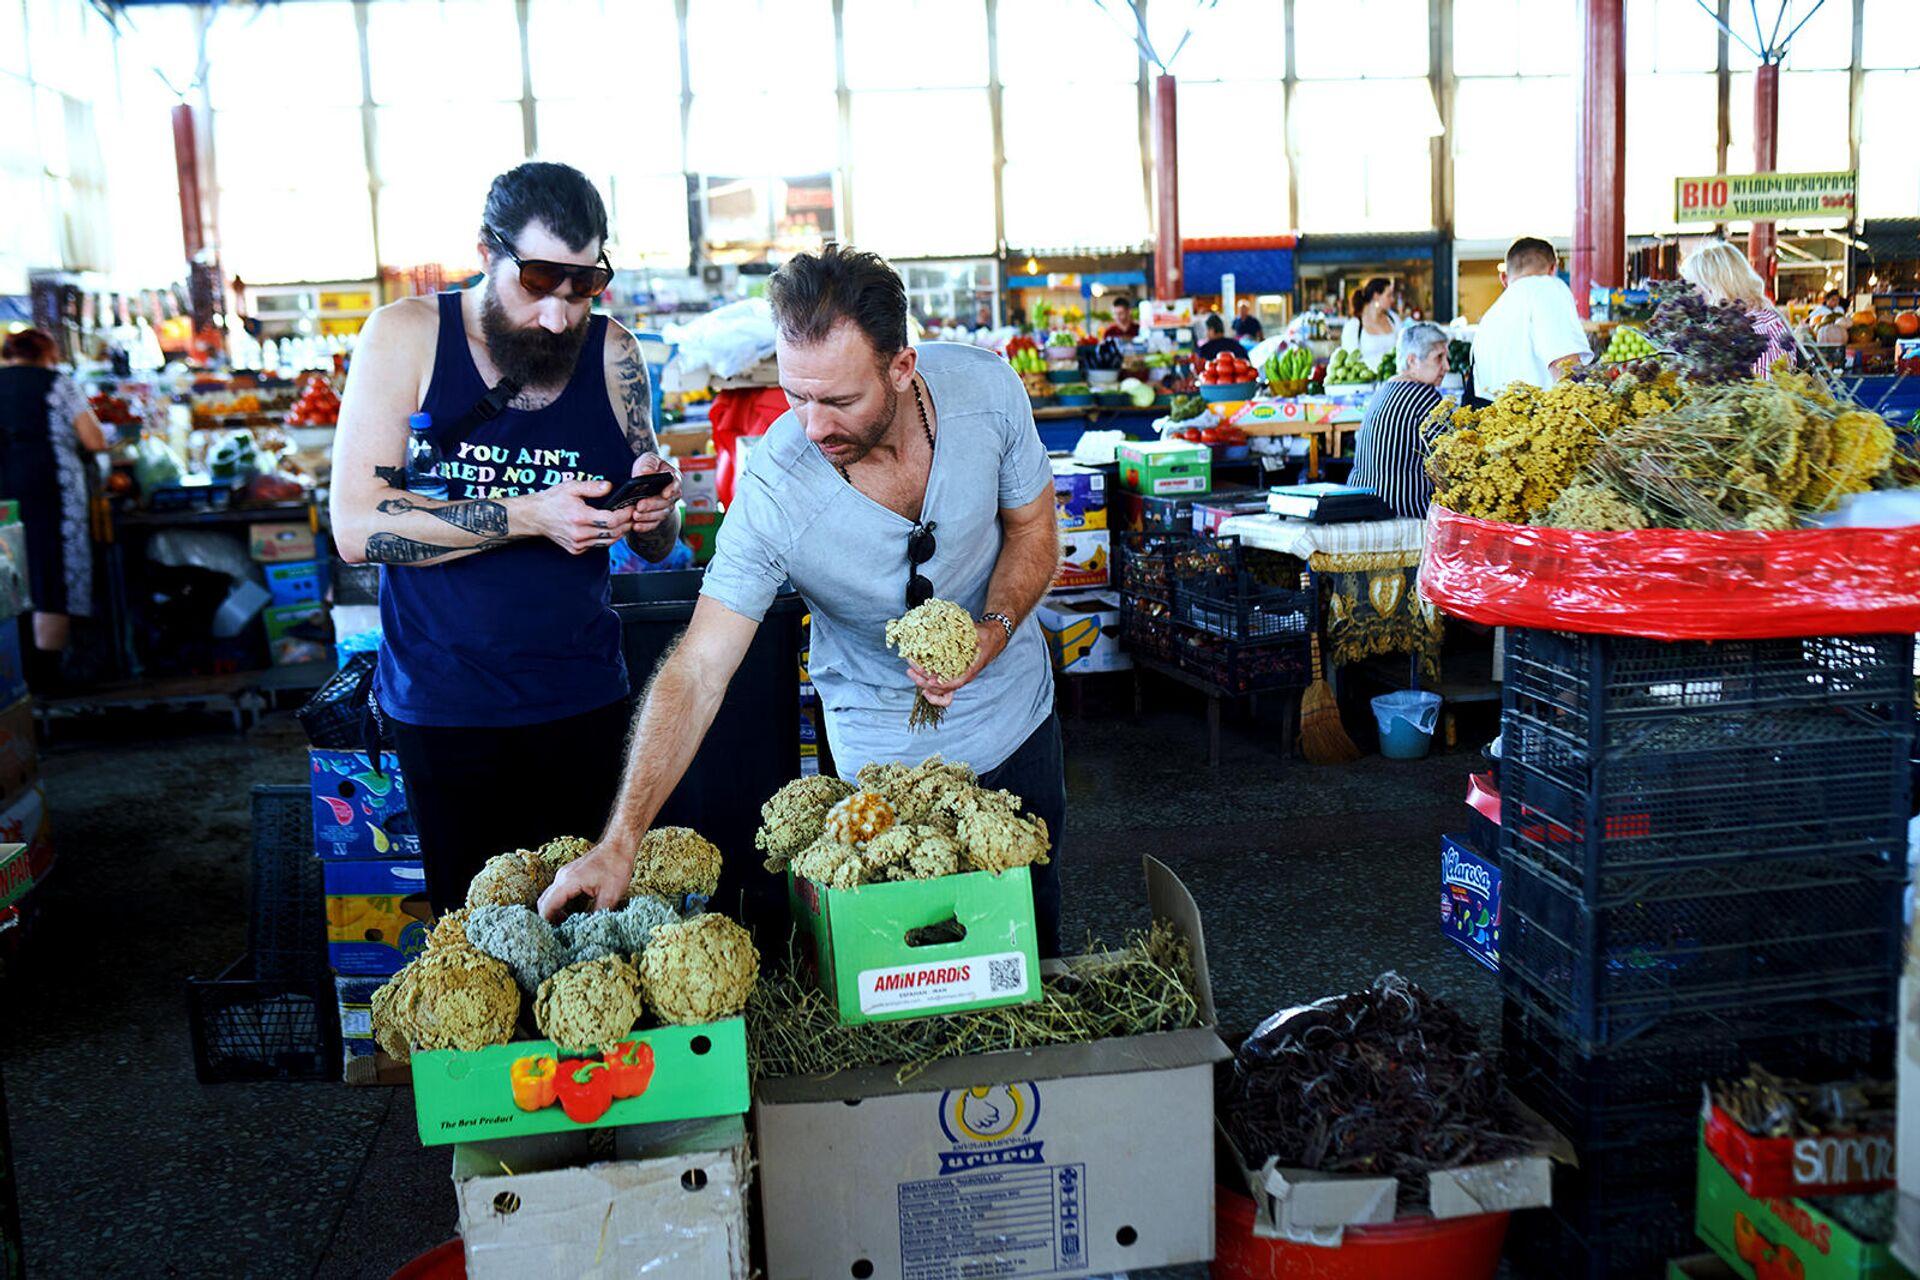 Шеф Мэдс Рефслунд со своей командой на рынке Гум в Ереване - Sputnik Արմենիա, 1920, 25.09.2021